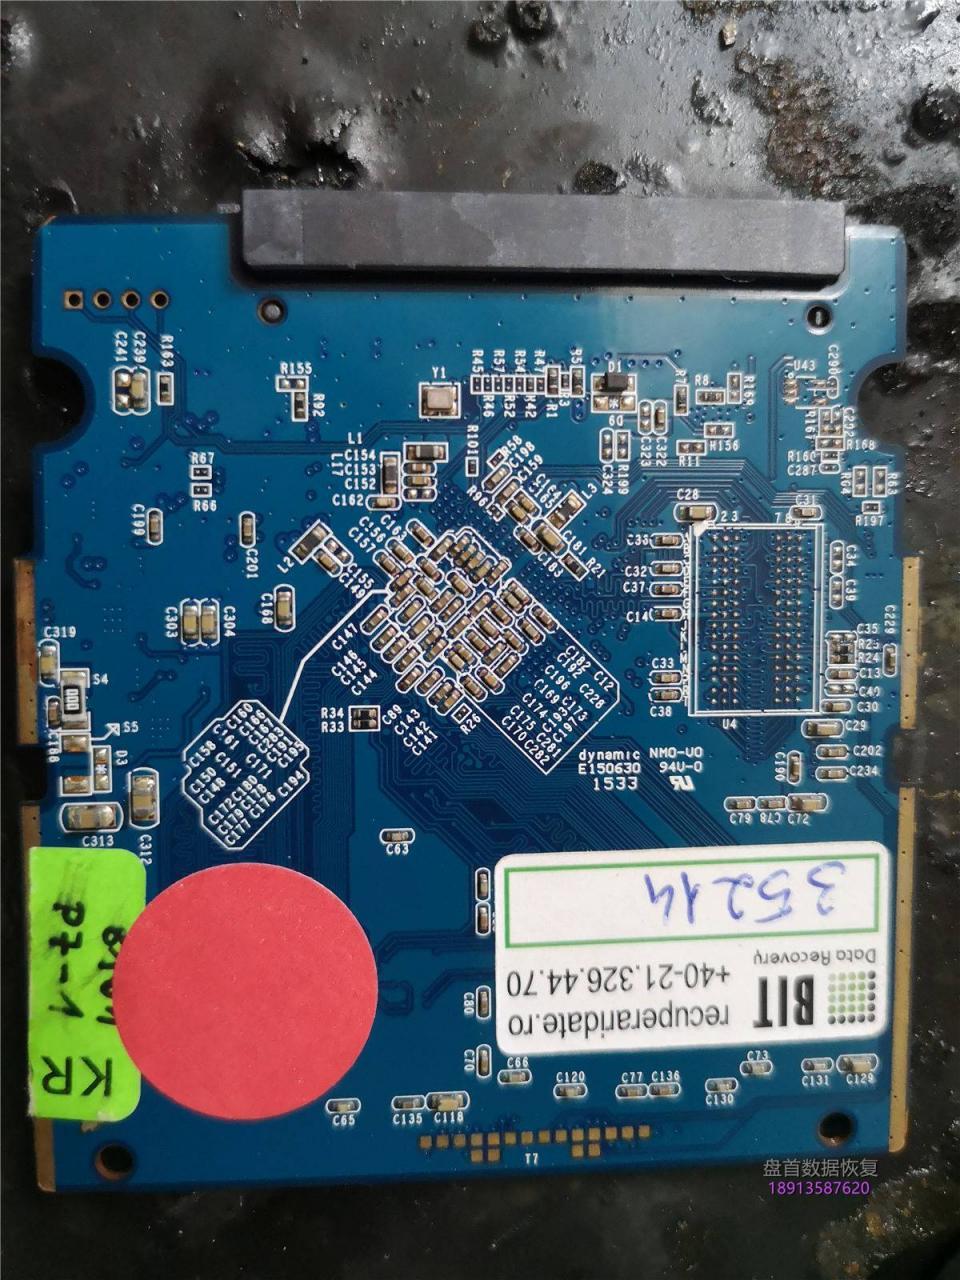 成功恢复一块东芝Q300固态硬盘这块硬盘在罗马尼亚,德国,英国,和日本等国外专业数据恢复公司全部恢复失败